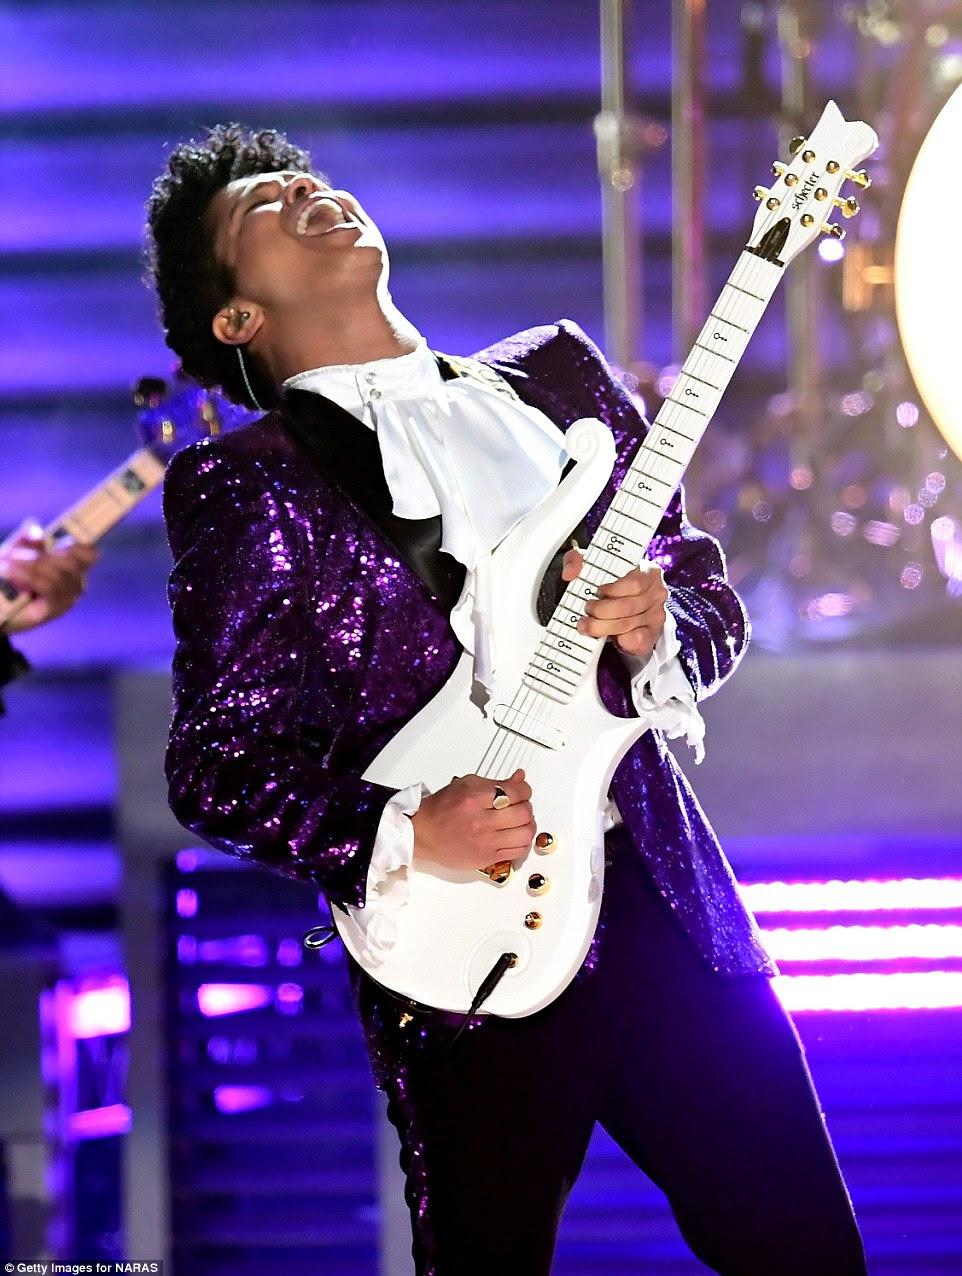 Shredding: habilidades de guitarra do artista certamente impressionou todos como ele fez um solo rip-rugindo